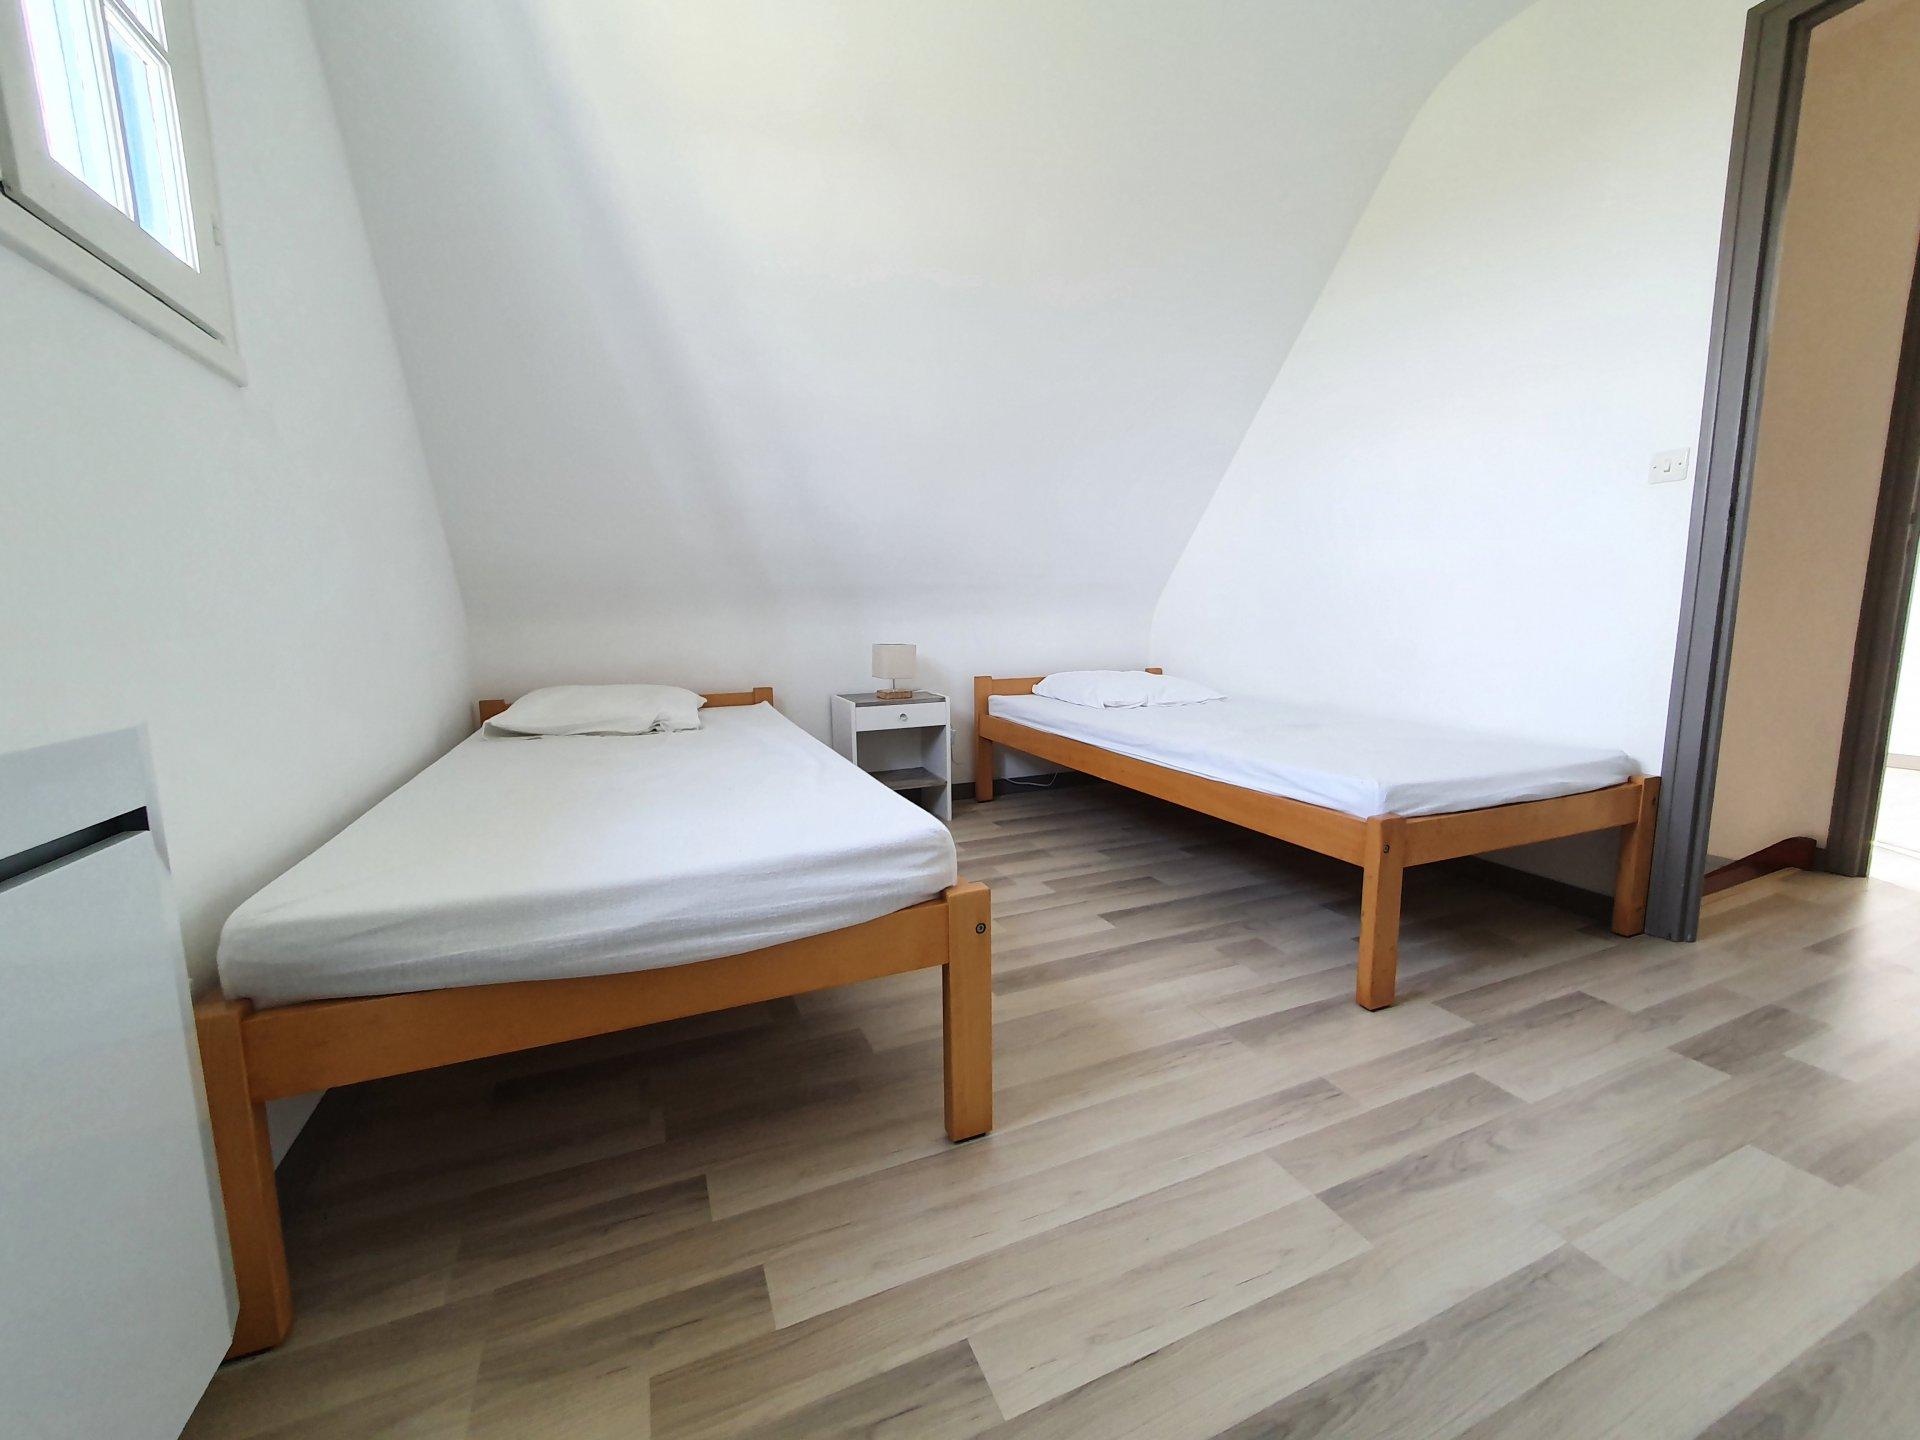 Maison à louer à Damgan Kervoyal - Maison de vacances pour 4 personnes